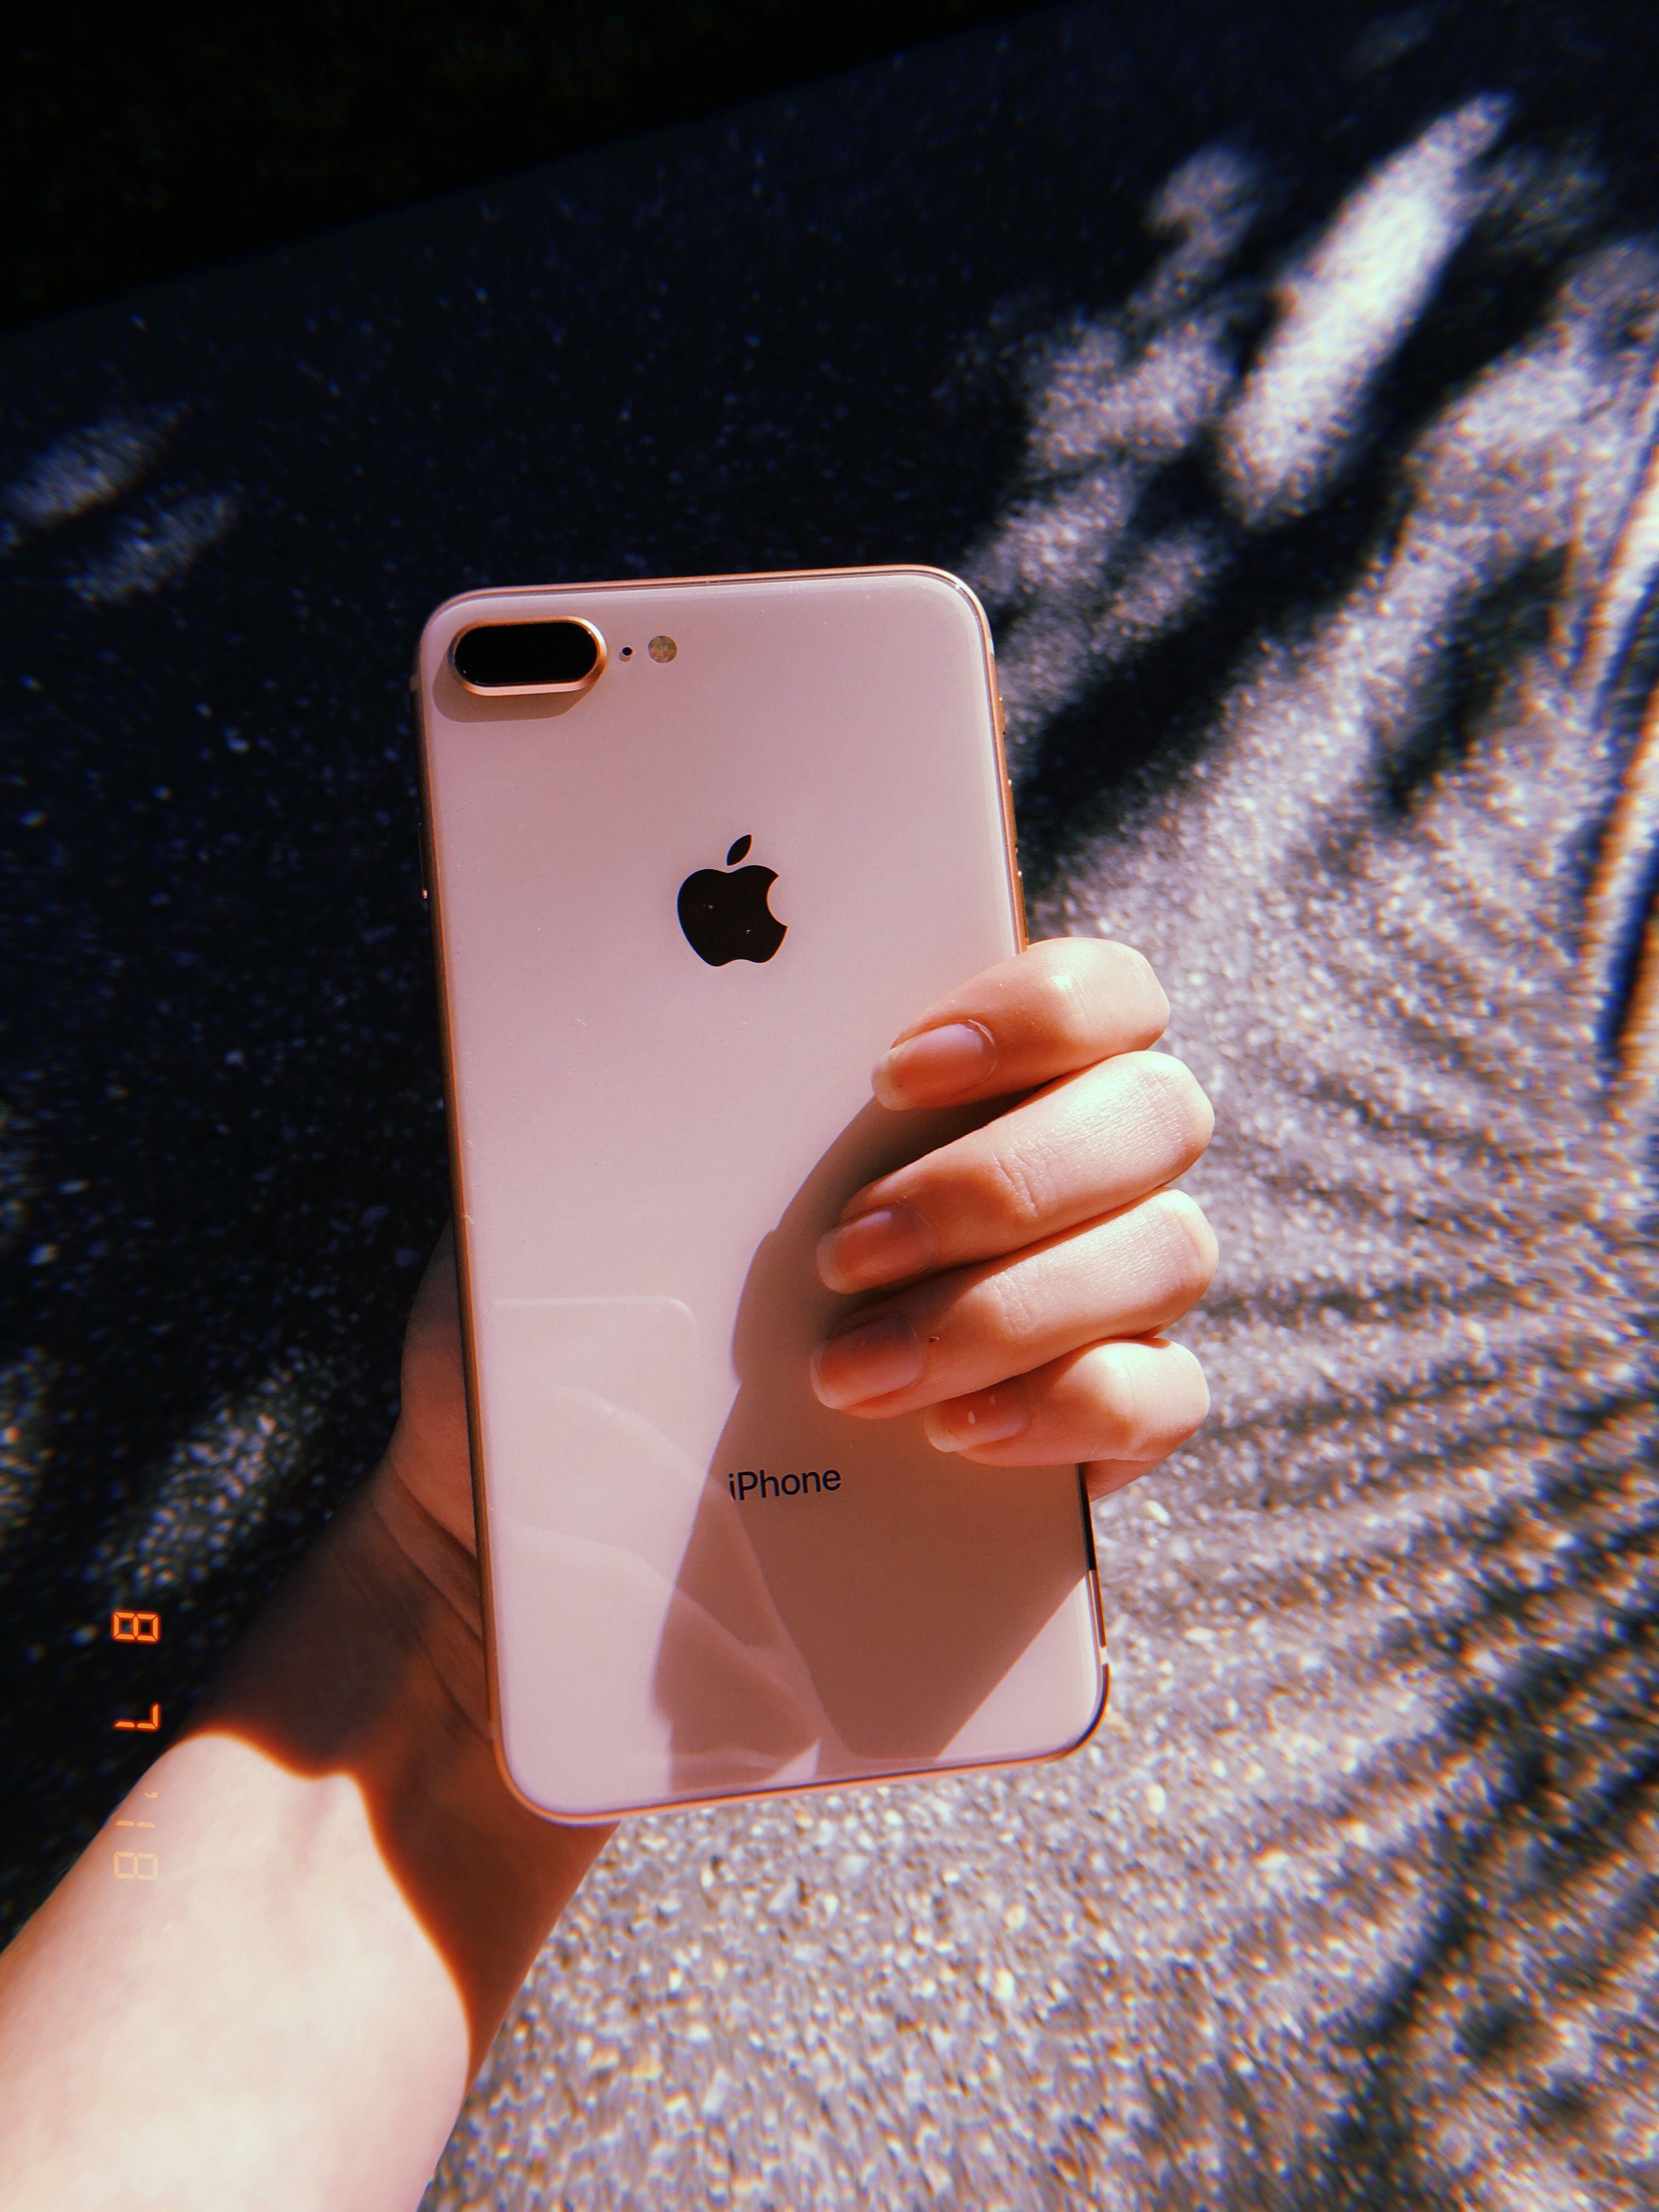 Iphone 8 Plus Rose Gold Iphone8 Iphone 8 Plus Capinhas Acessorios Iphone Coisas De Iphone